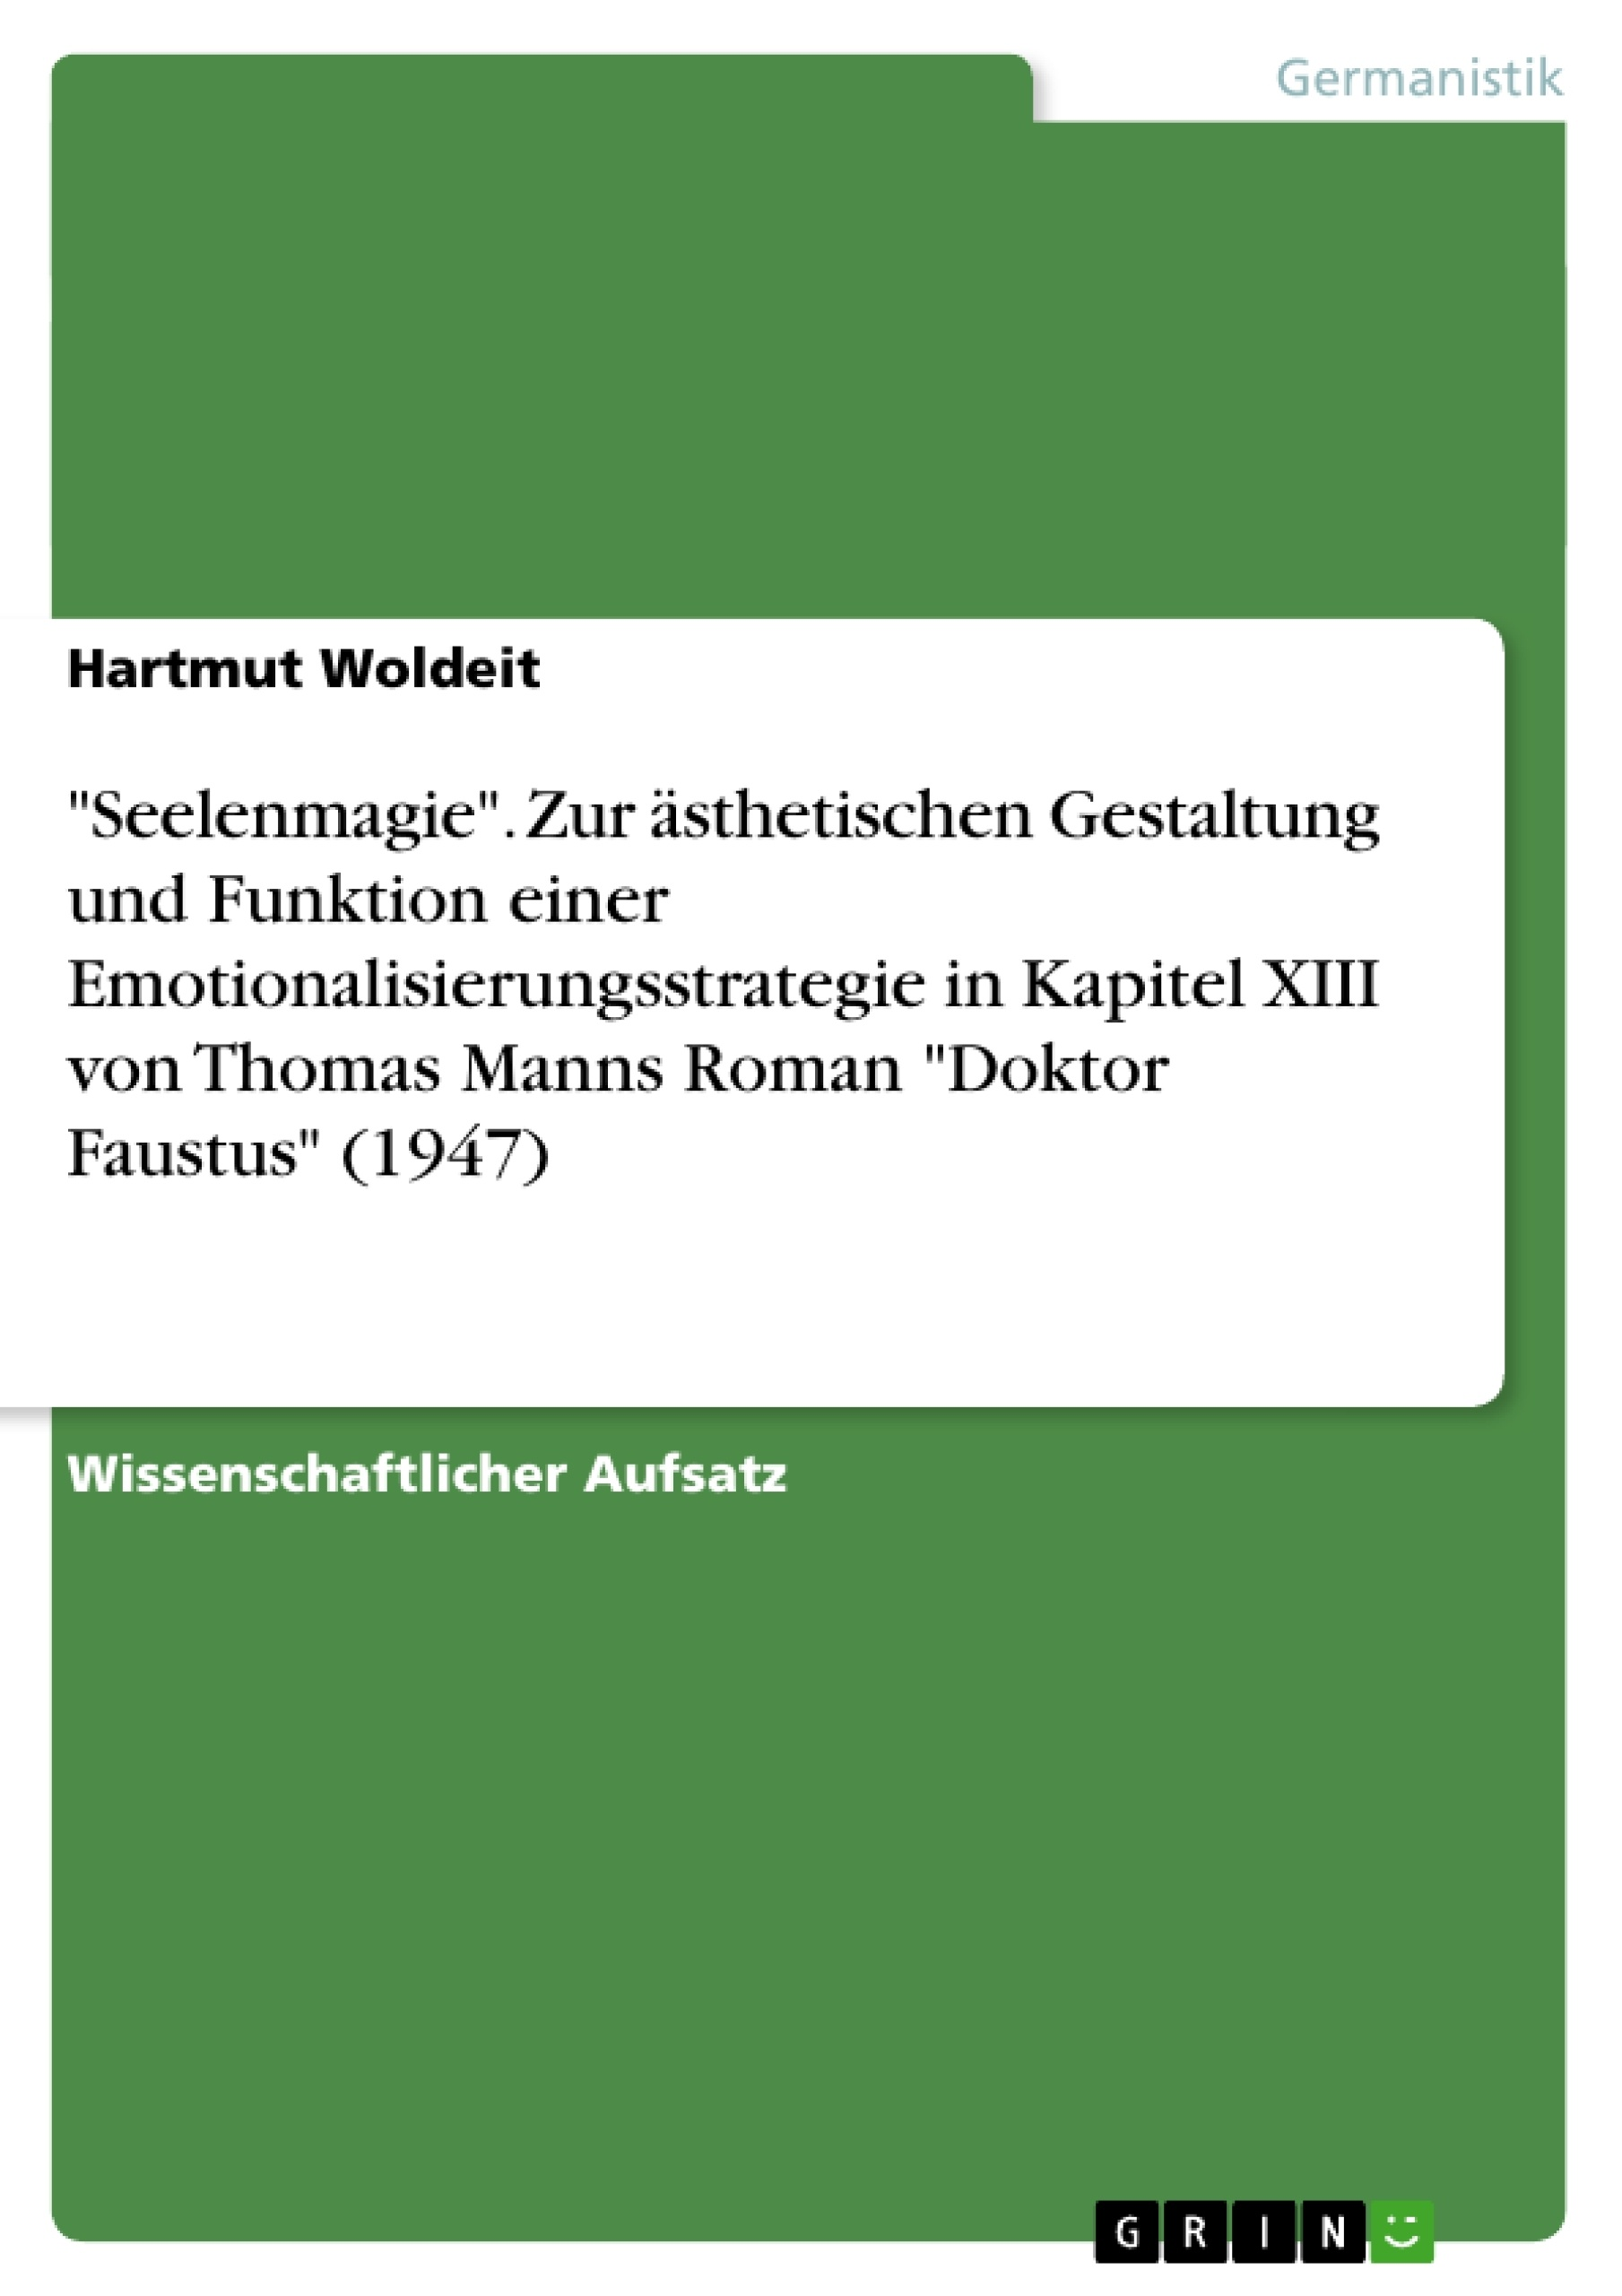 """Titel: """"Seelenmagie"""". Zur ästhetischen Gestaltung und Funktion einer Emotionalisierungsstrategie in Kapitel XIII von Thomas Manns Roman """"Doktor Faustus"""" (1947)"""